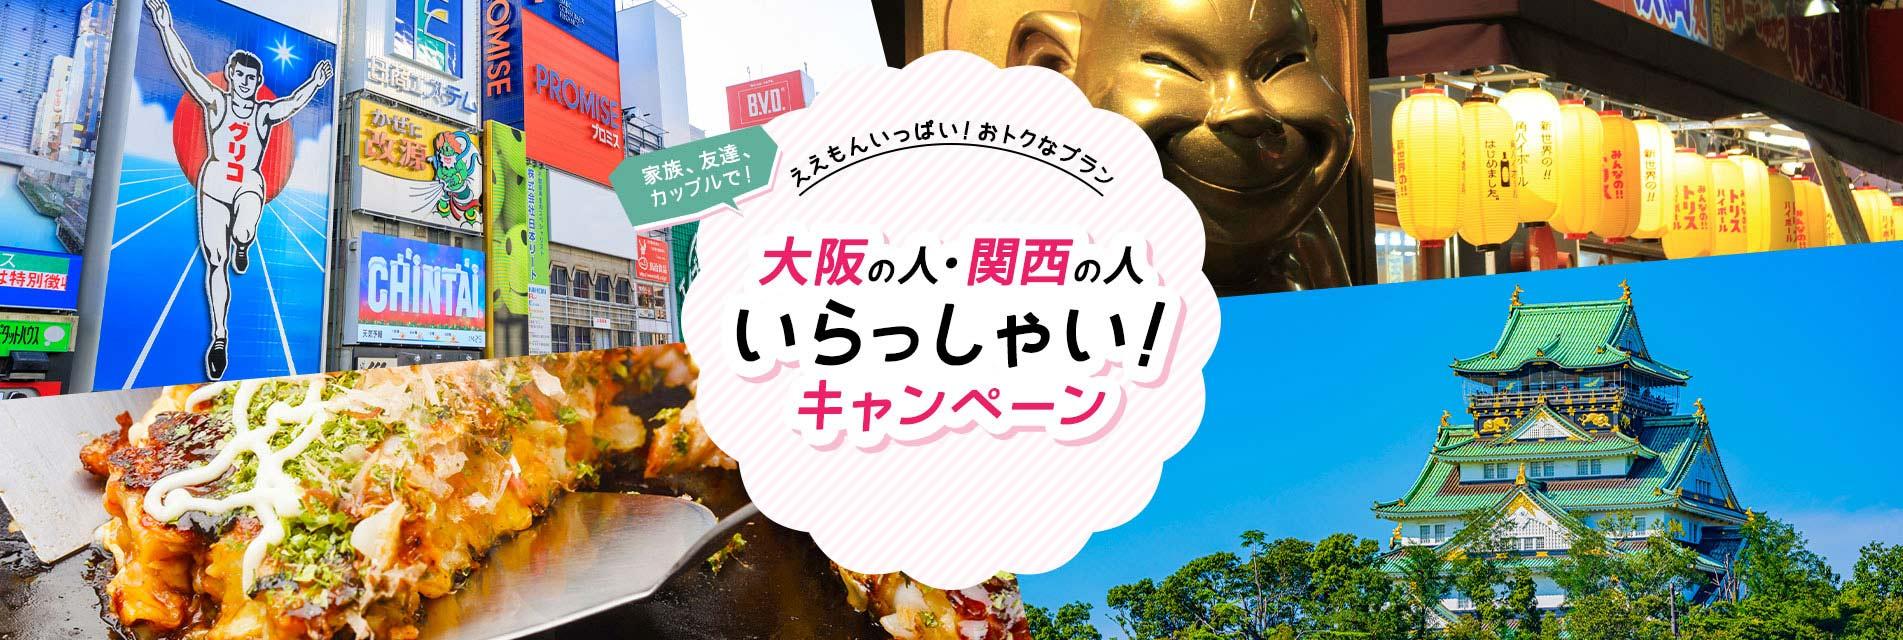 大阪の人・関西の人いらっしゃいキャンペーン